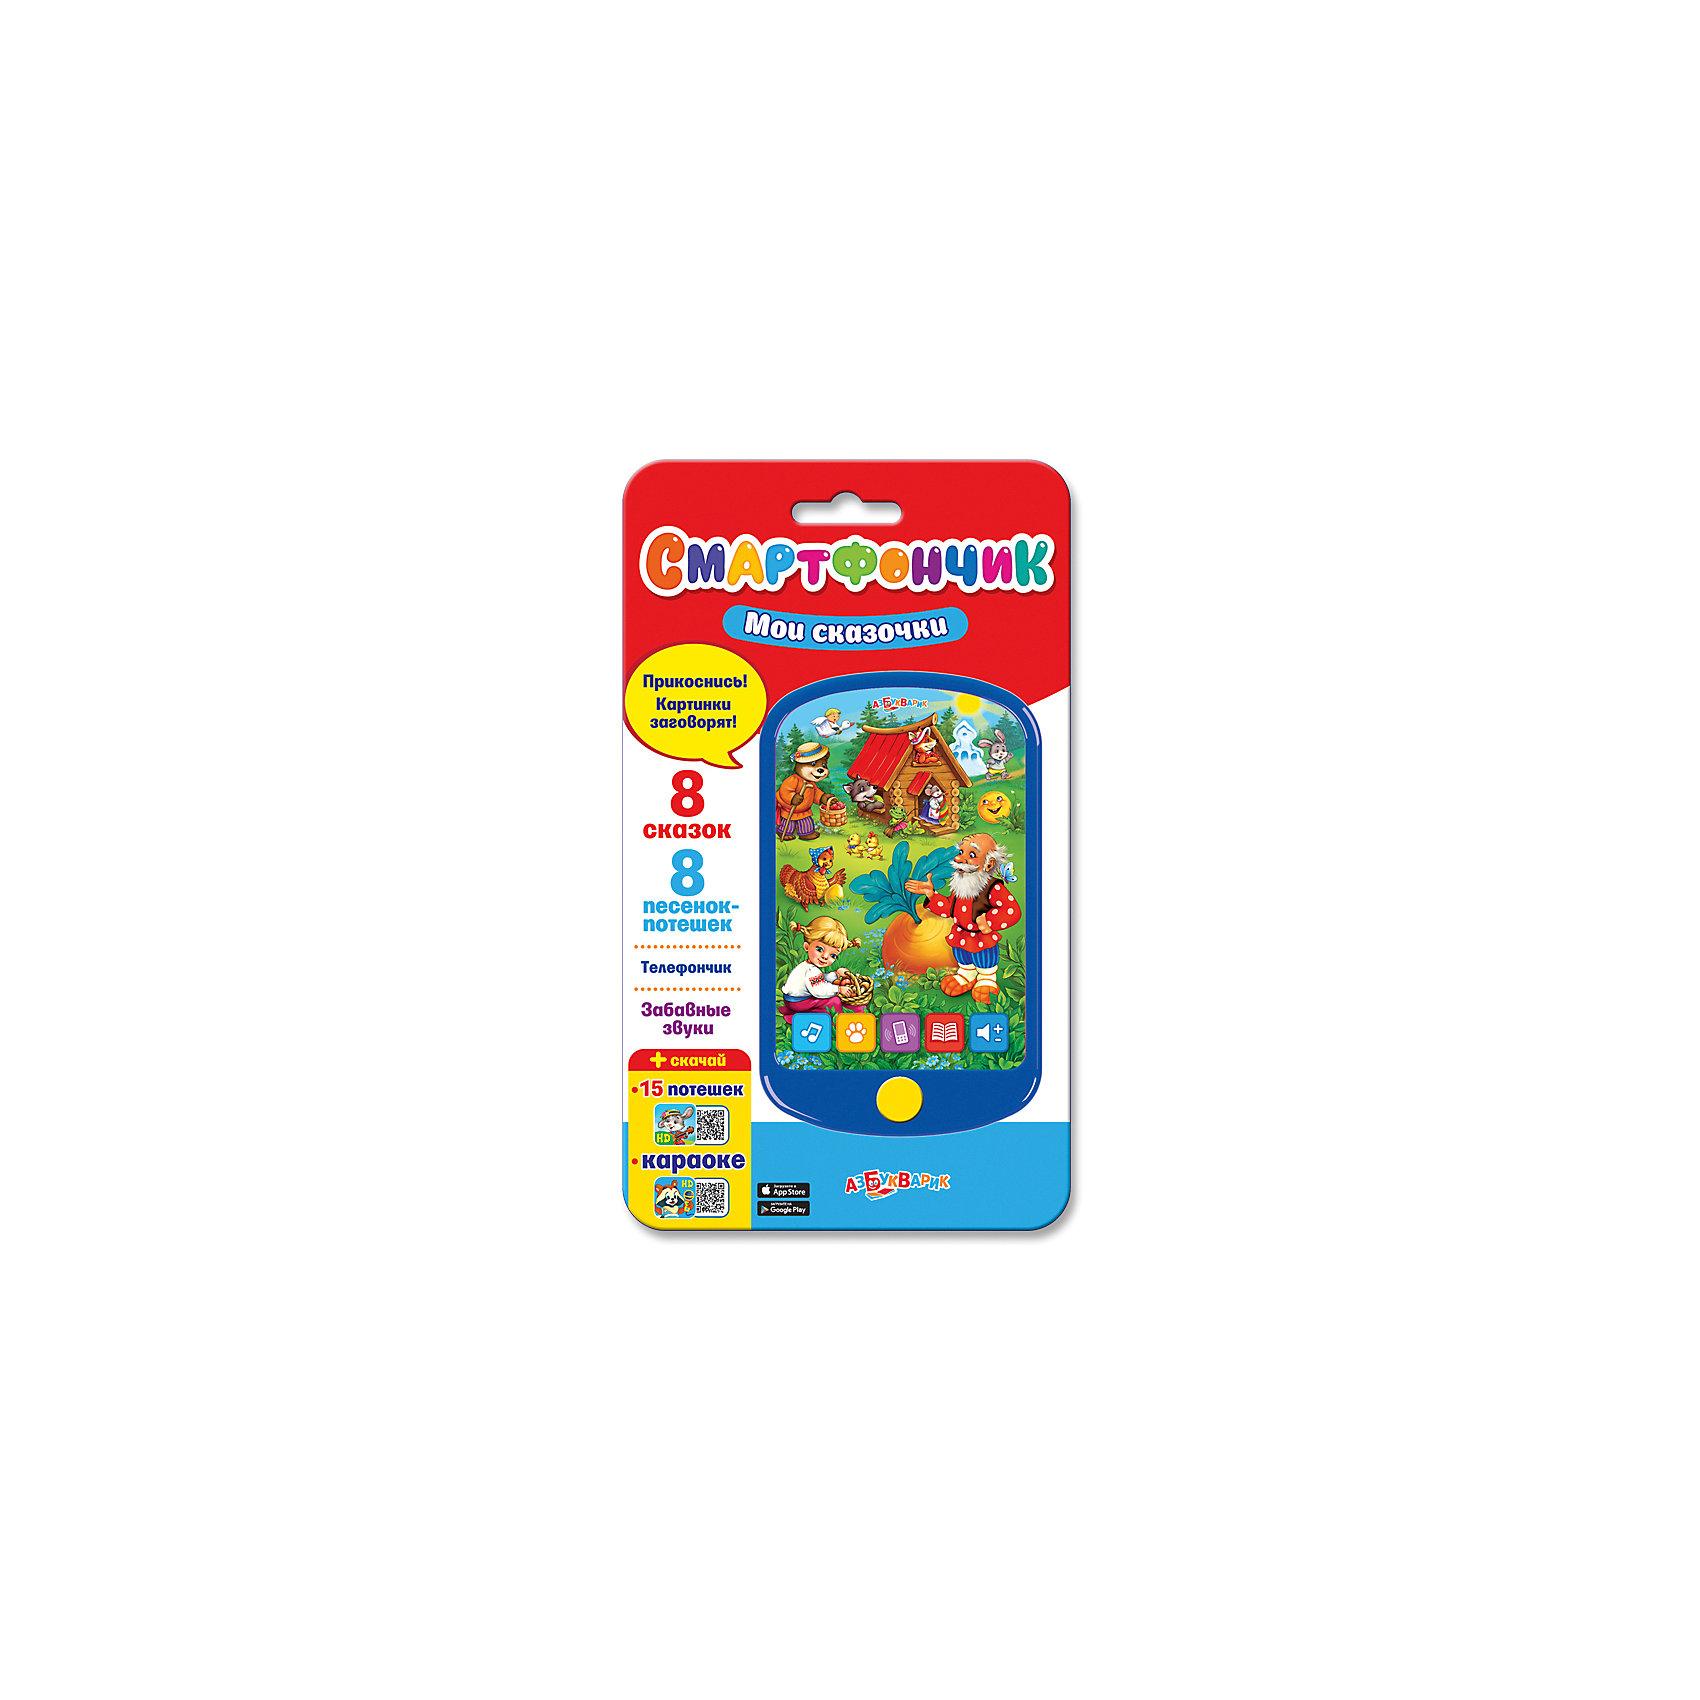 Широкий смартфончик Мои сказочки, АзбукварикОбучающие плакаты и планшеты<br>Характеристики товара:<br><br>• цвет: разноцветный<br>• размер упаковки: 23 х 13 см<br>• батарейки в комплекте: 3хAAA/LR0.3V (мизинчиковые).<br>• материал: пластик, металл.<br>• воспроизводит звуки, песни, сказки<br>• возраст: от трех лет<br>• есть регулировка звука<br>• страна бренда: РФ<br>• страна изготовитель: РФ<br><br>Познавать мир можно очень интересно! Такой смартфон станет отличным подарком ребенку - ведь с помощью него можно научиться раскрашивать картинки пальчиками. В набор входят альбом и наклейки, которые можно послушать смешные звуки, песни, интересные сказки!<br>Игра с такими смартфонами помогает детям развивать важные навыки и способности, она активизирует мышление, цветовосприятие, звуковосприятие, логику, мелкую моторику и воображение. Изделие производится из качественных и проверенных материалов, которые безопасны для детей.<br>В сборник вошли сказки: «Гуси-лебеди», «Три медведя», «Теремок», «Заюшкина избушка», «Колобок», «Курочка Ряба», «Репка», «Маша и медведь»<br><br>Широкий смартфончик Мои мультяшки от бренда Азбукварик можно купить в нашем интернет-магазине.<br><br>Ширина мм: 13<br>Глубина мм: 22<br>Высота мм: 13<br>Вес г: 115<br>Возраст от месяцев: 24<br>Возраст до месяцев: 48<br>Пол: Унисекс<br>Возраст: Детский<br>SKU: 5200826